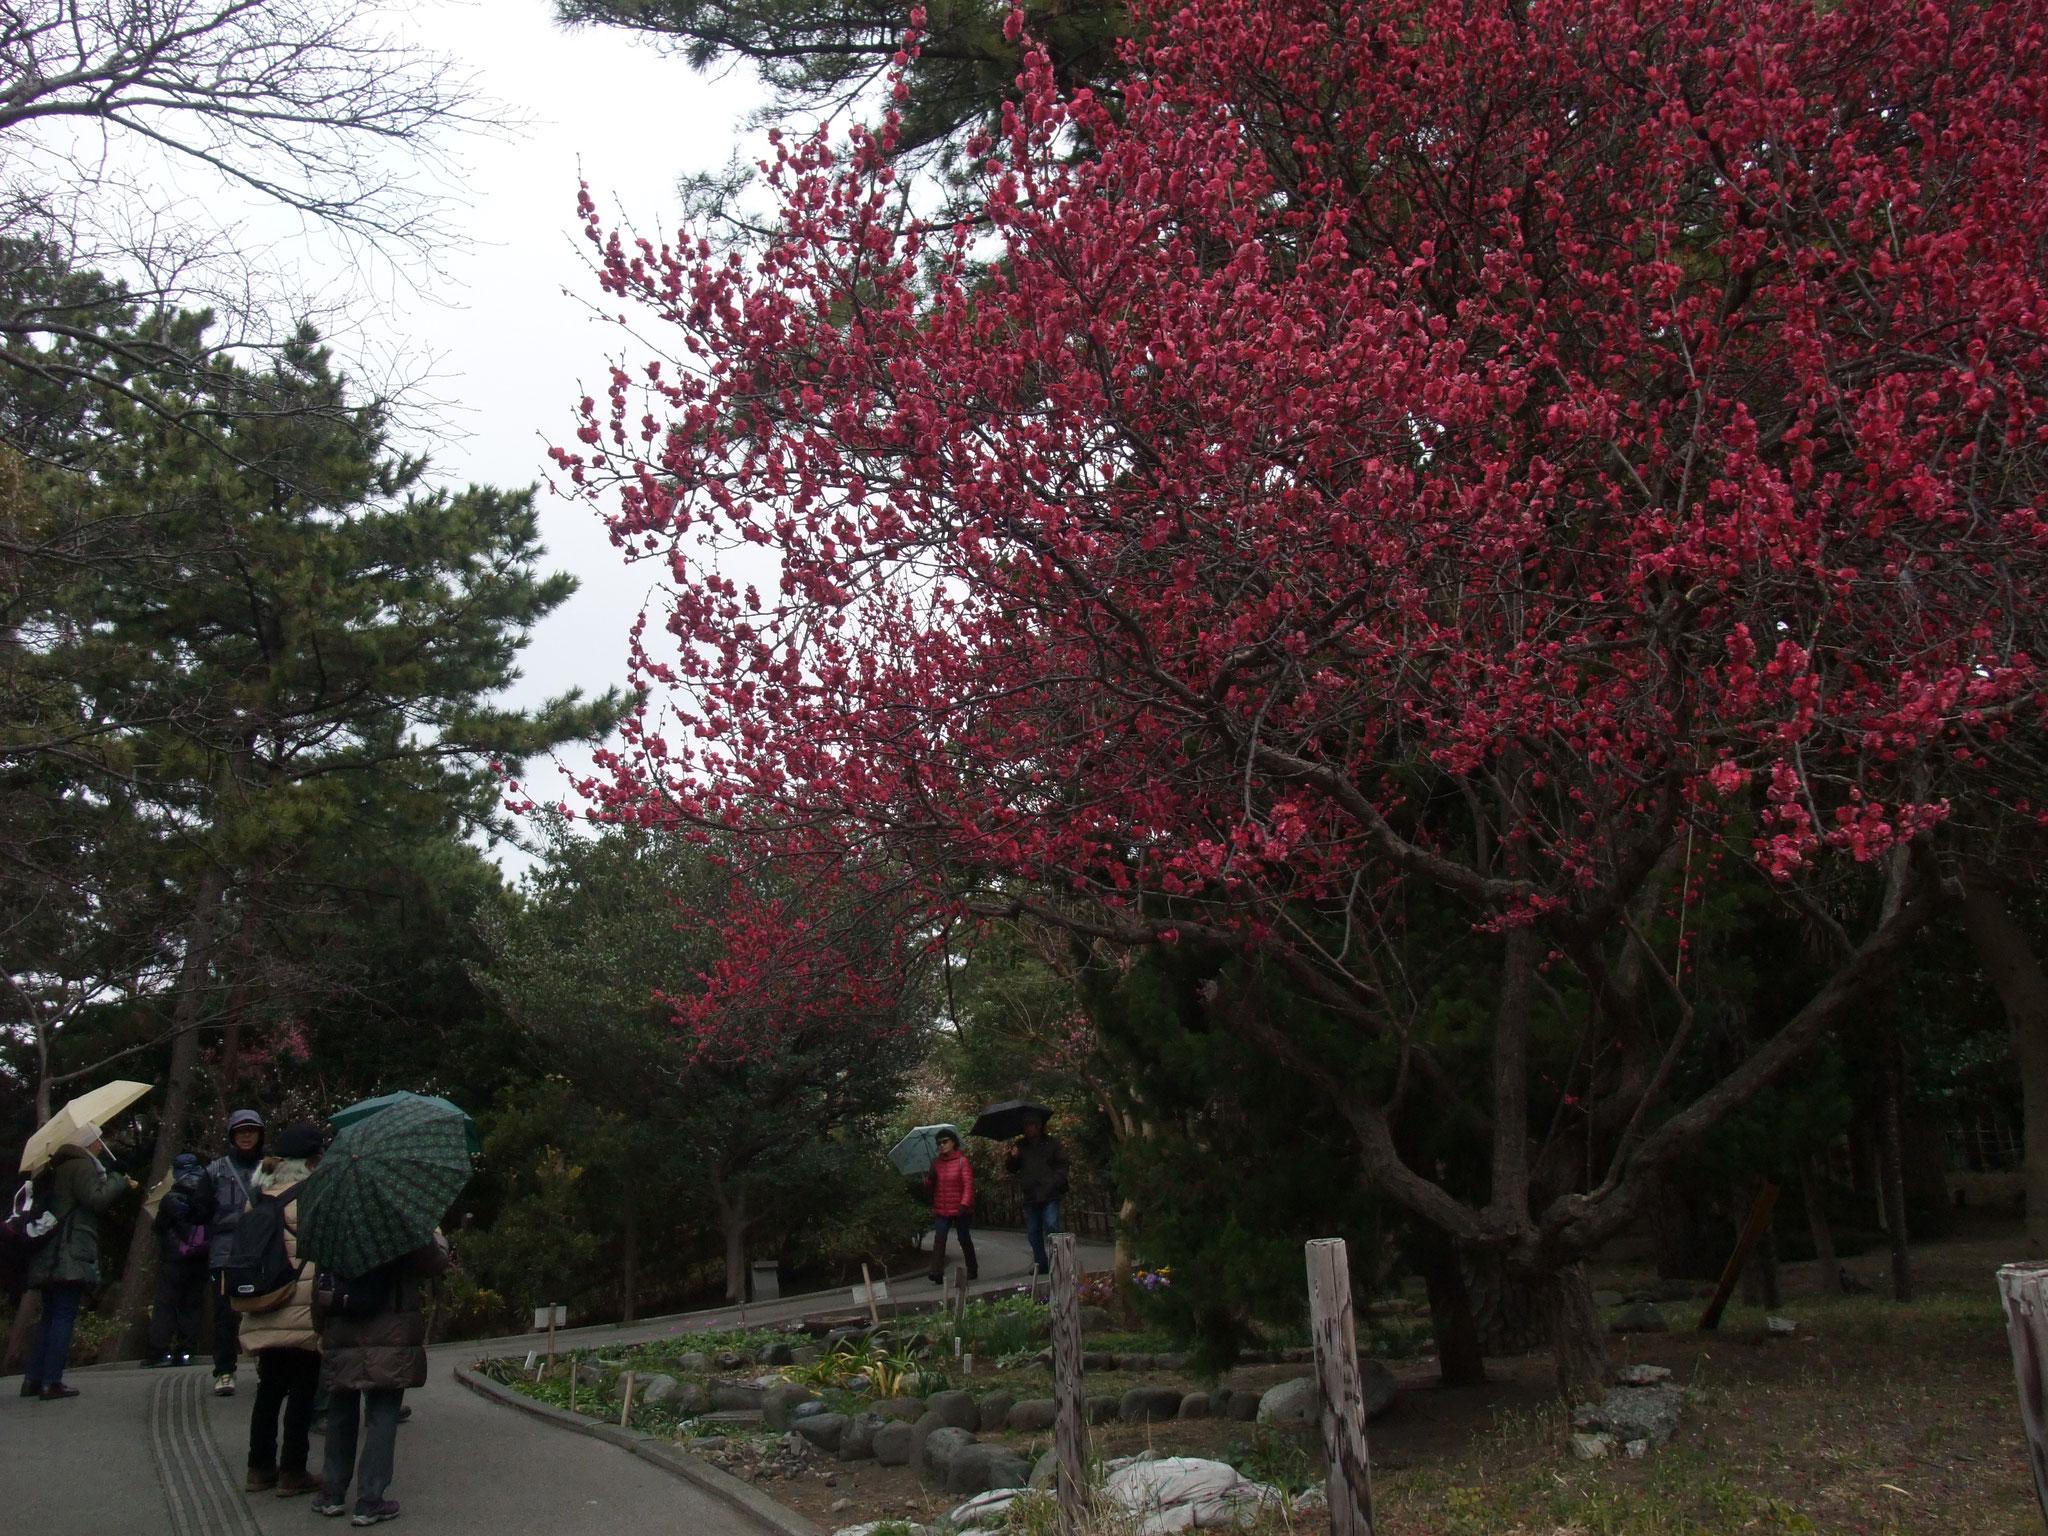 高砂(たかすな)緑地の紅梅